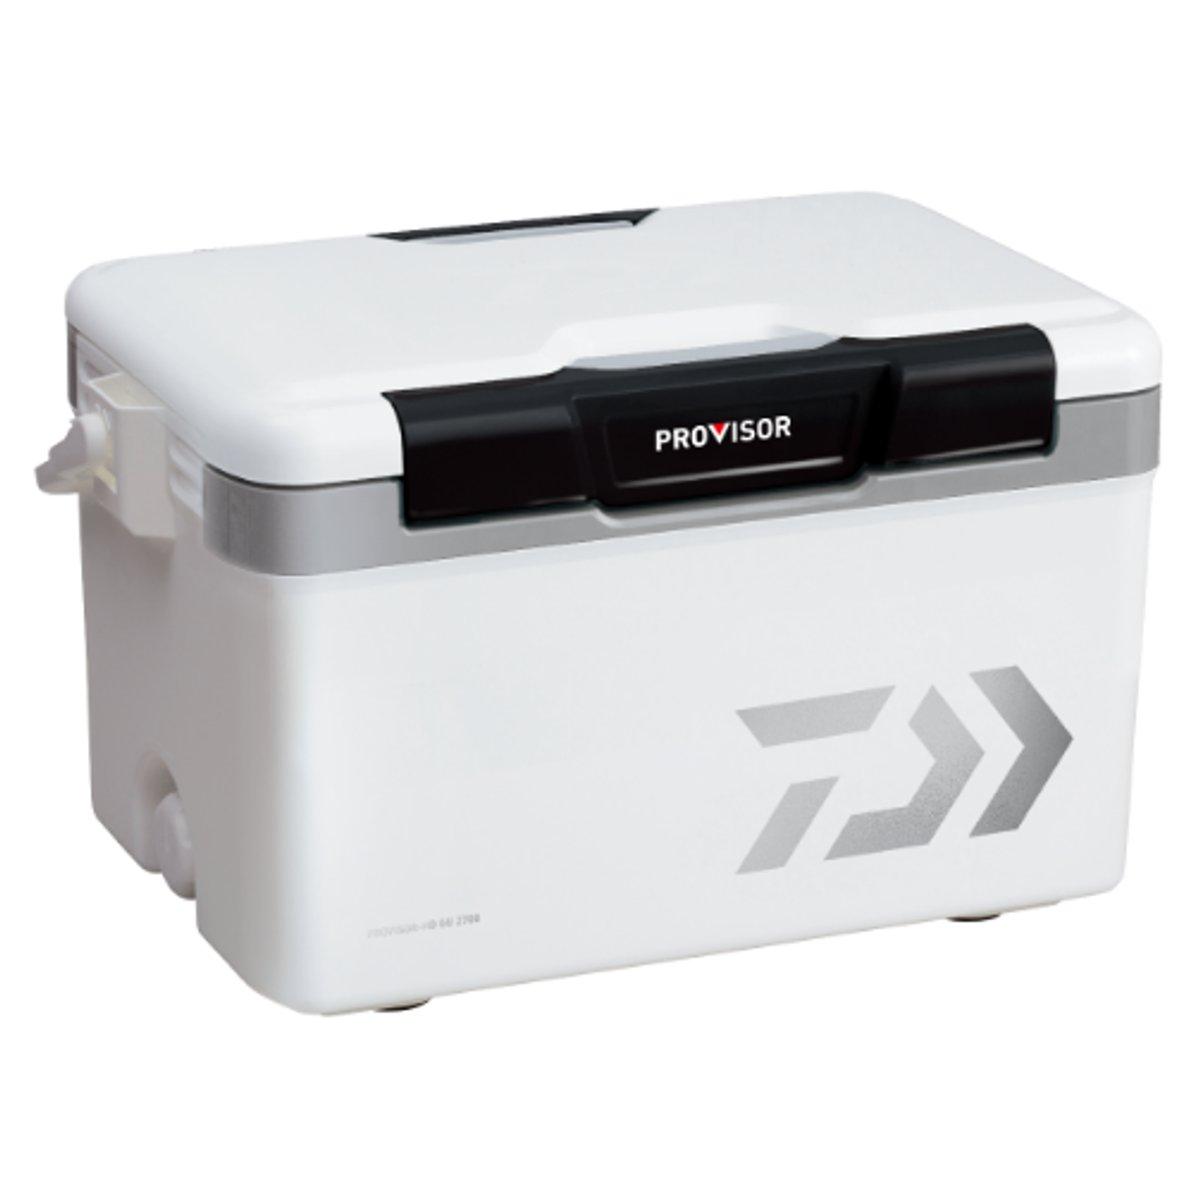 ダイワ プロバイザー HD GU 2700 ブラック クーラーボックス(東日本店)【同梱不可】